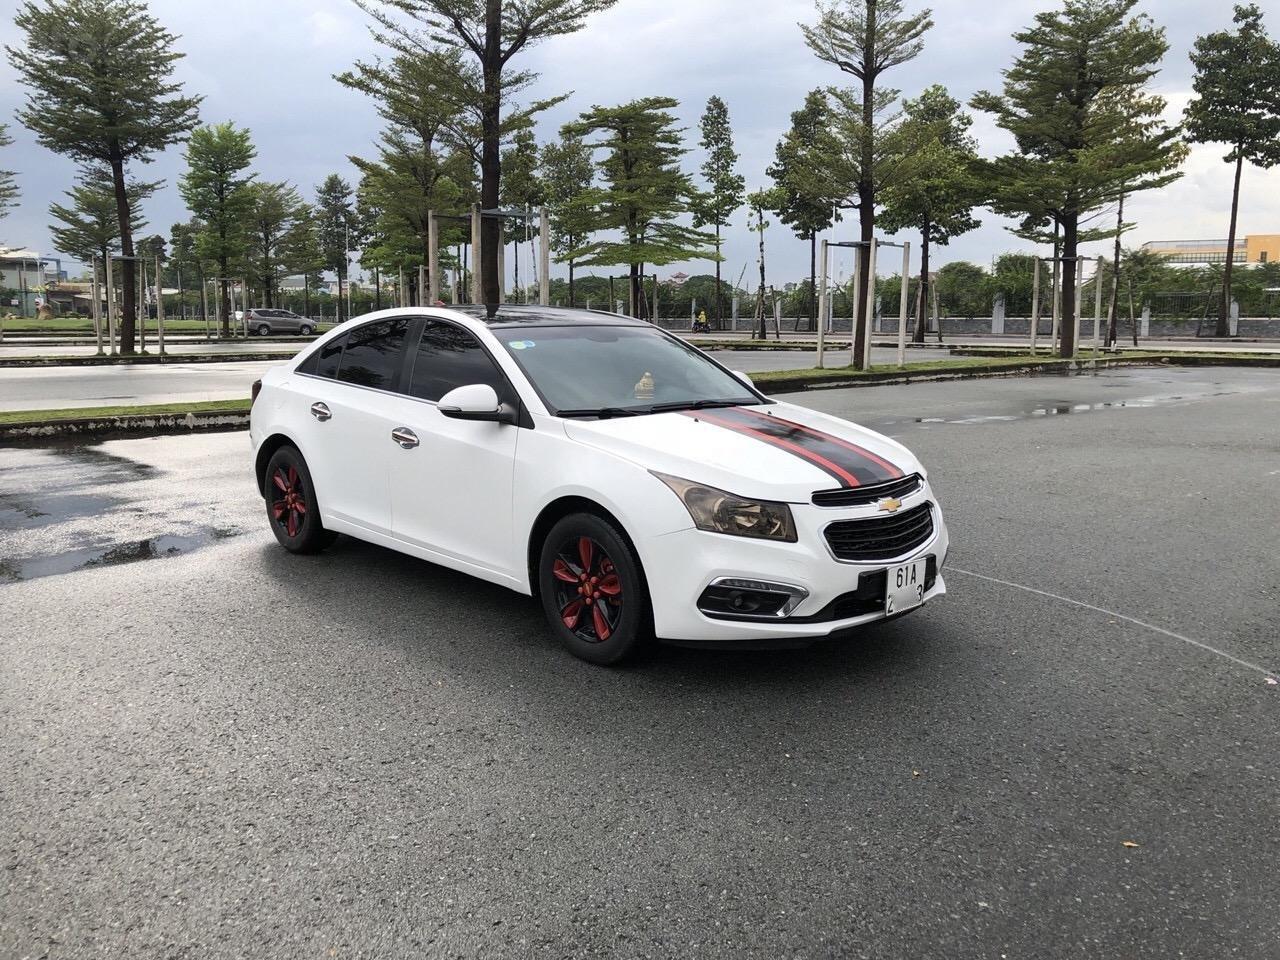 Bán Chevrolet Cruze 1.6LS sản xuất 2016, màu trắng xe nhà bán lại 378 triệu (2)